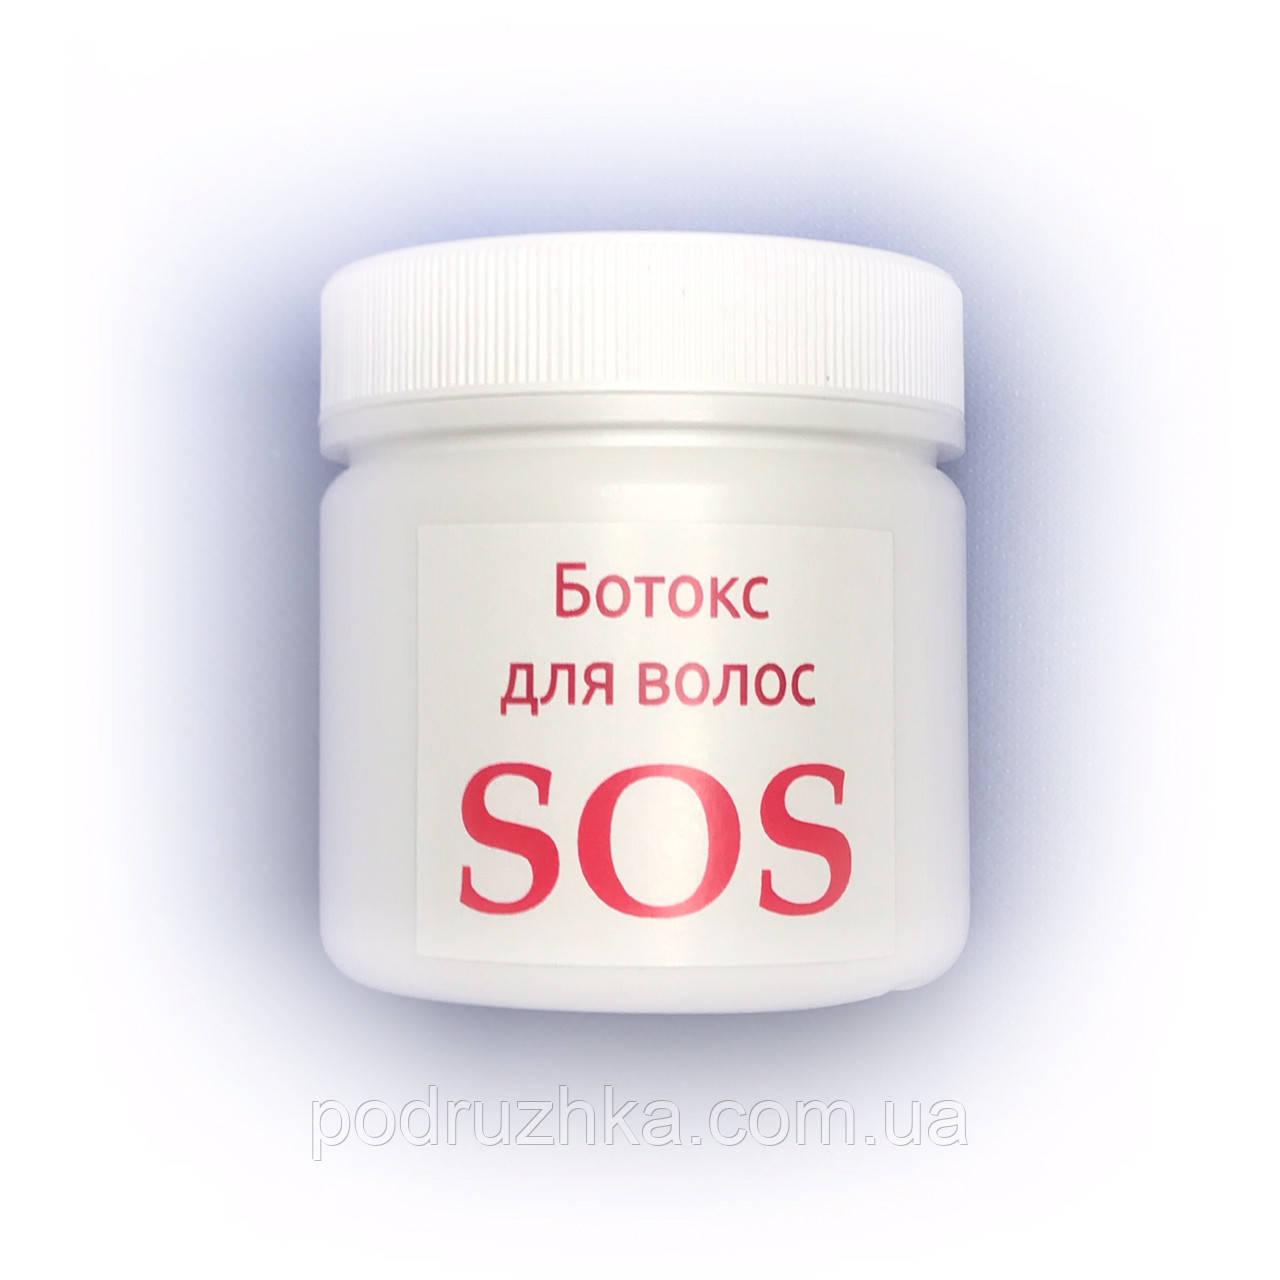 Ботокс для відновлення волосся XMIX SOS 200 г